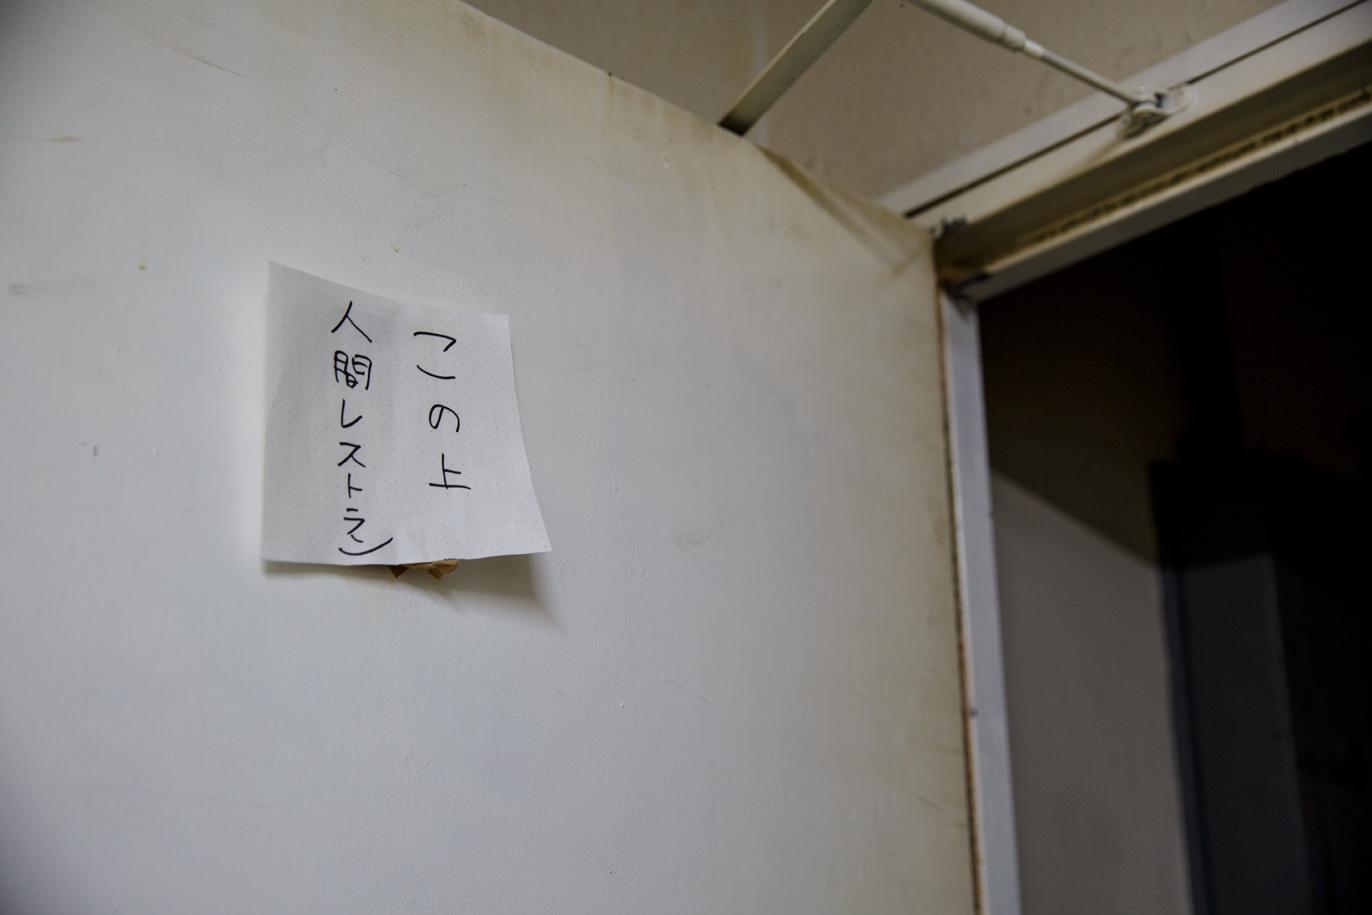 ロボットレストラン向かいに「人間レストラン」オープン、歌舞伎町で感じる「人間らしさ」